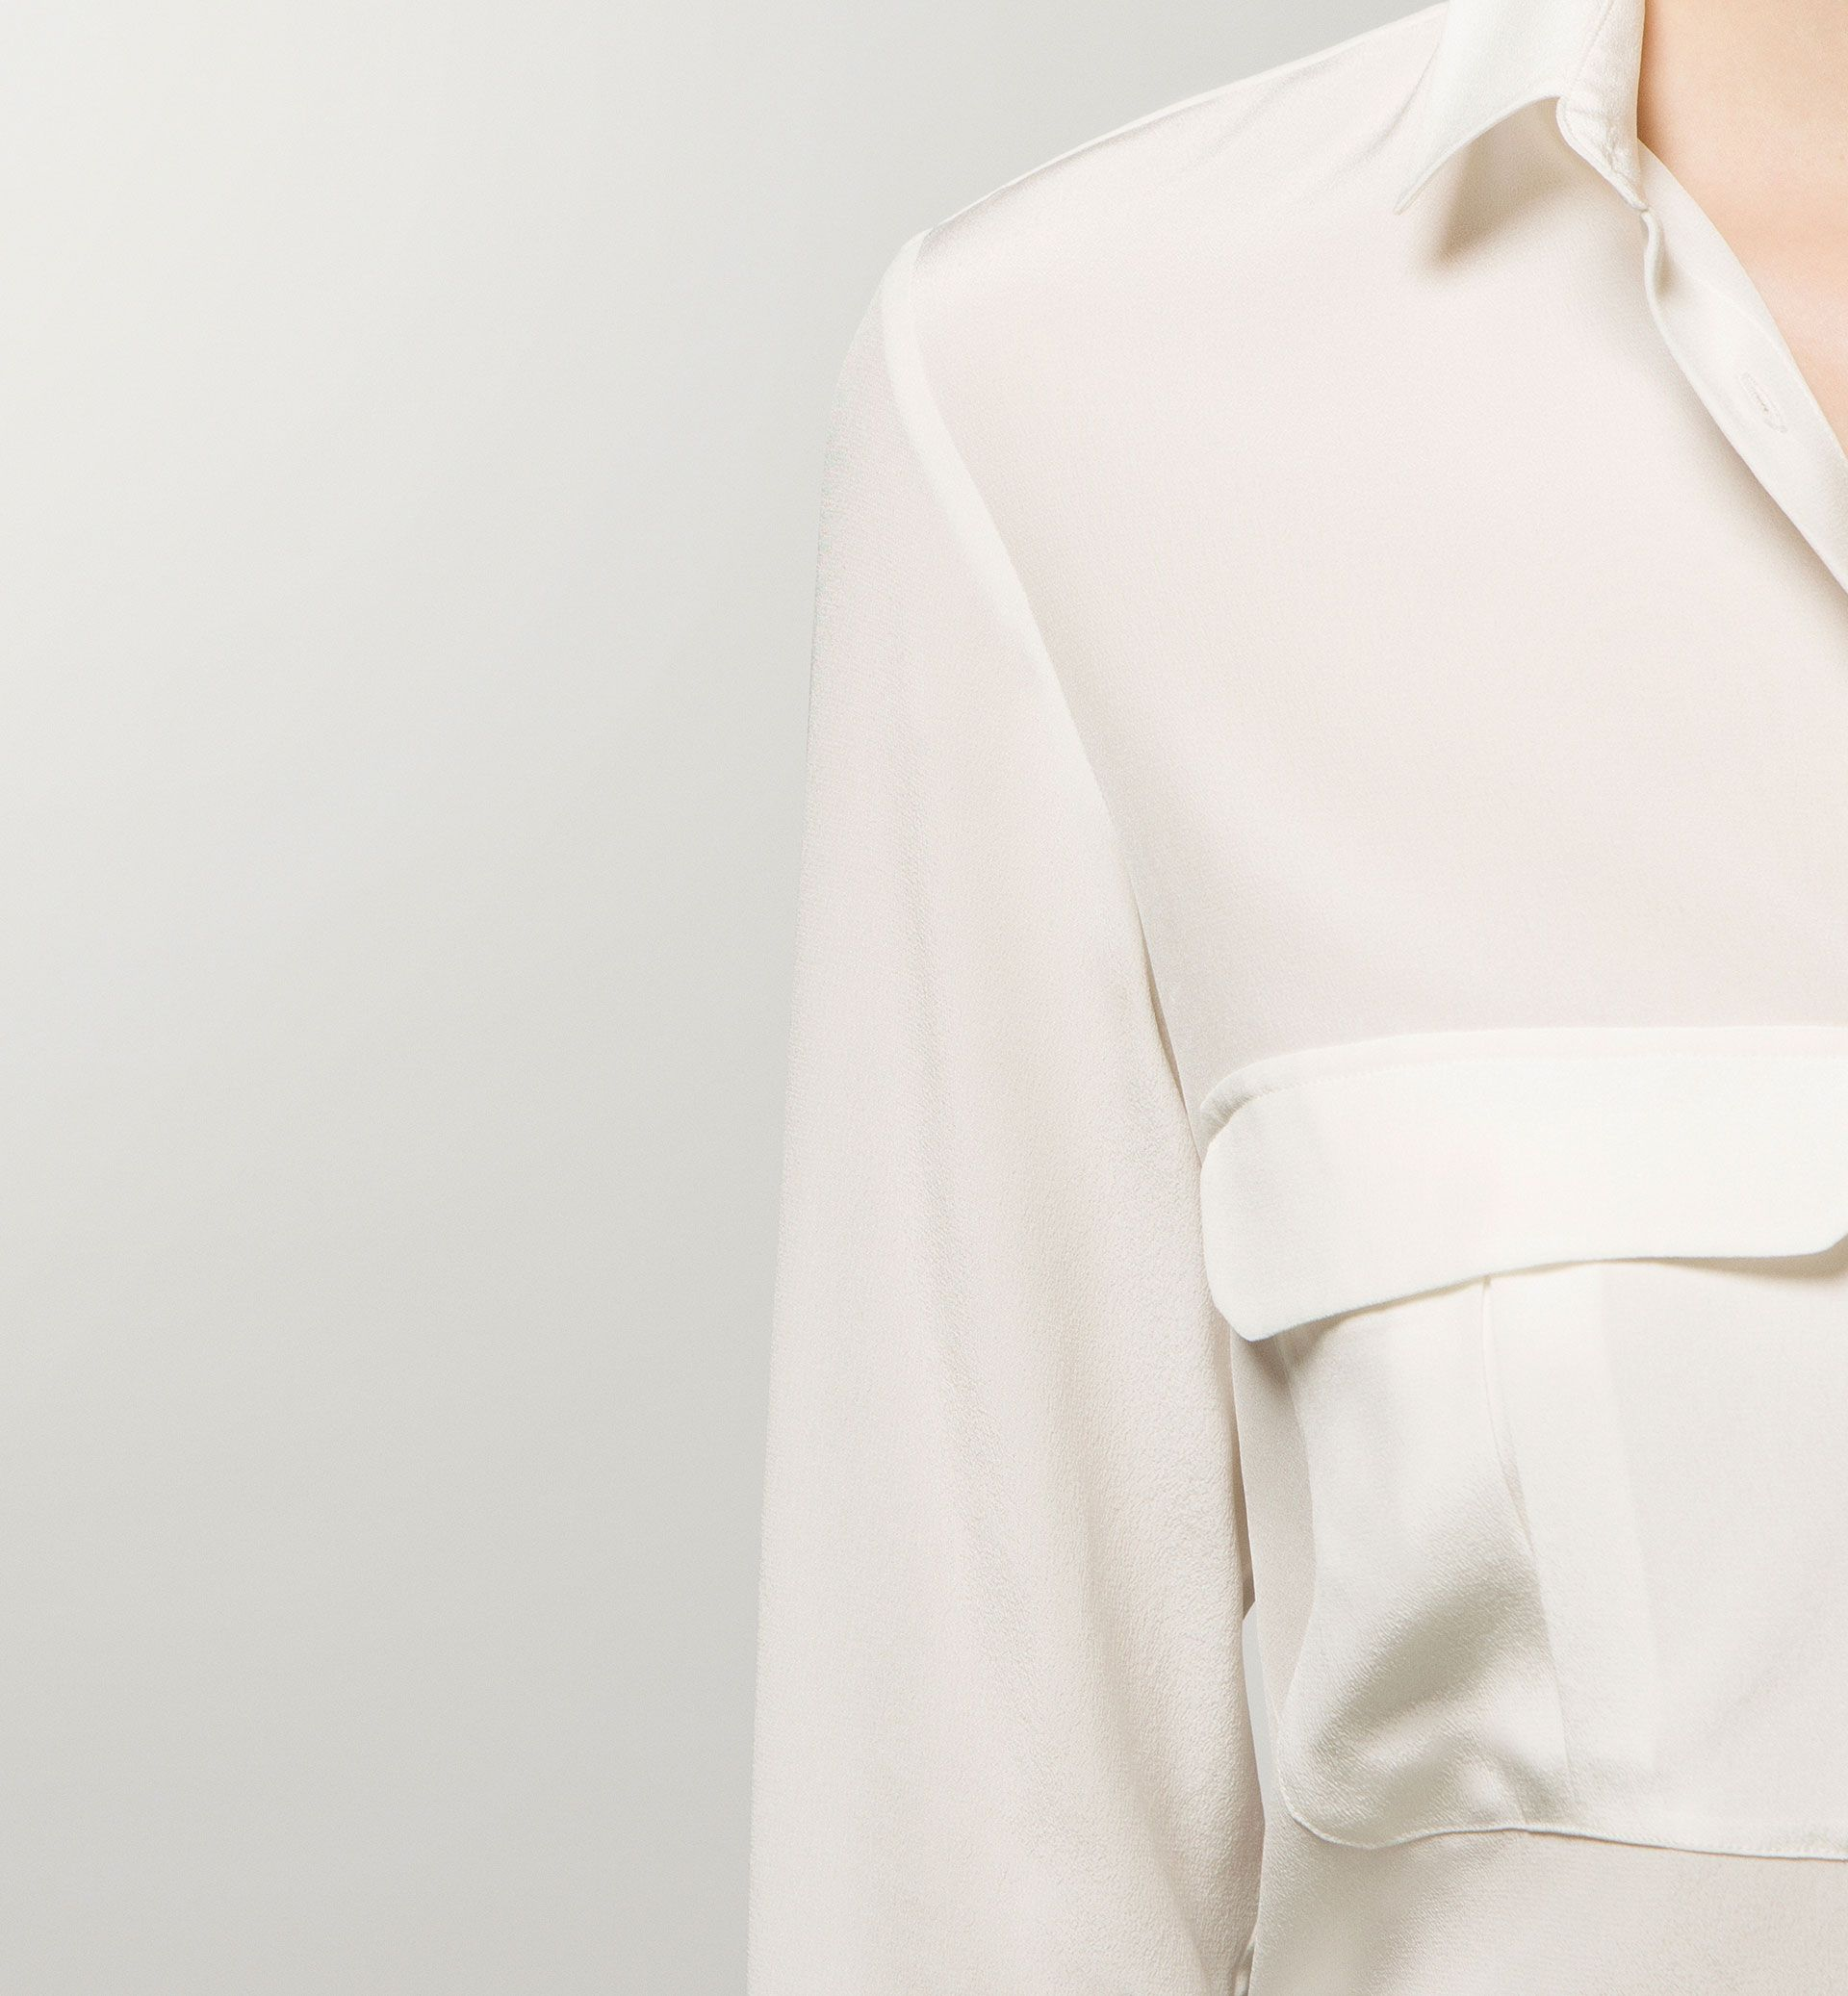 CAMISA BLANCA 100% SEDA - Blancas - Camisas y Blusas - WOMEN - España - Massimo Dutti